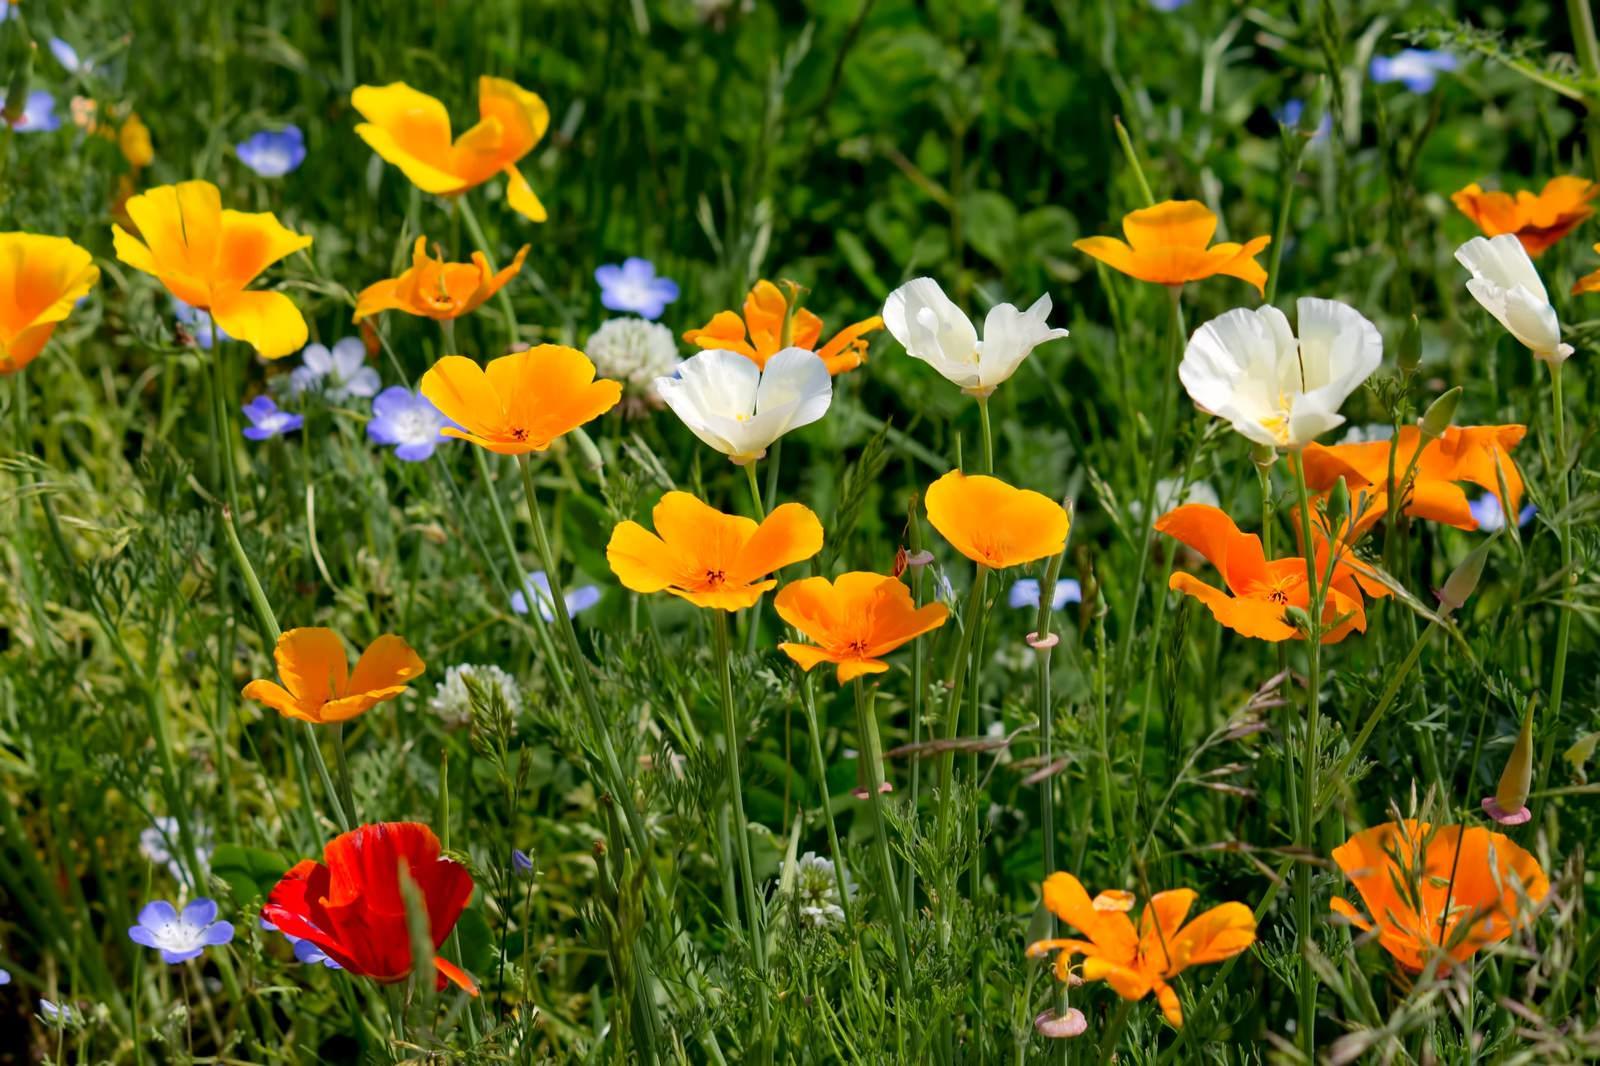 「上を向いて咲く花々」の写真